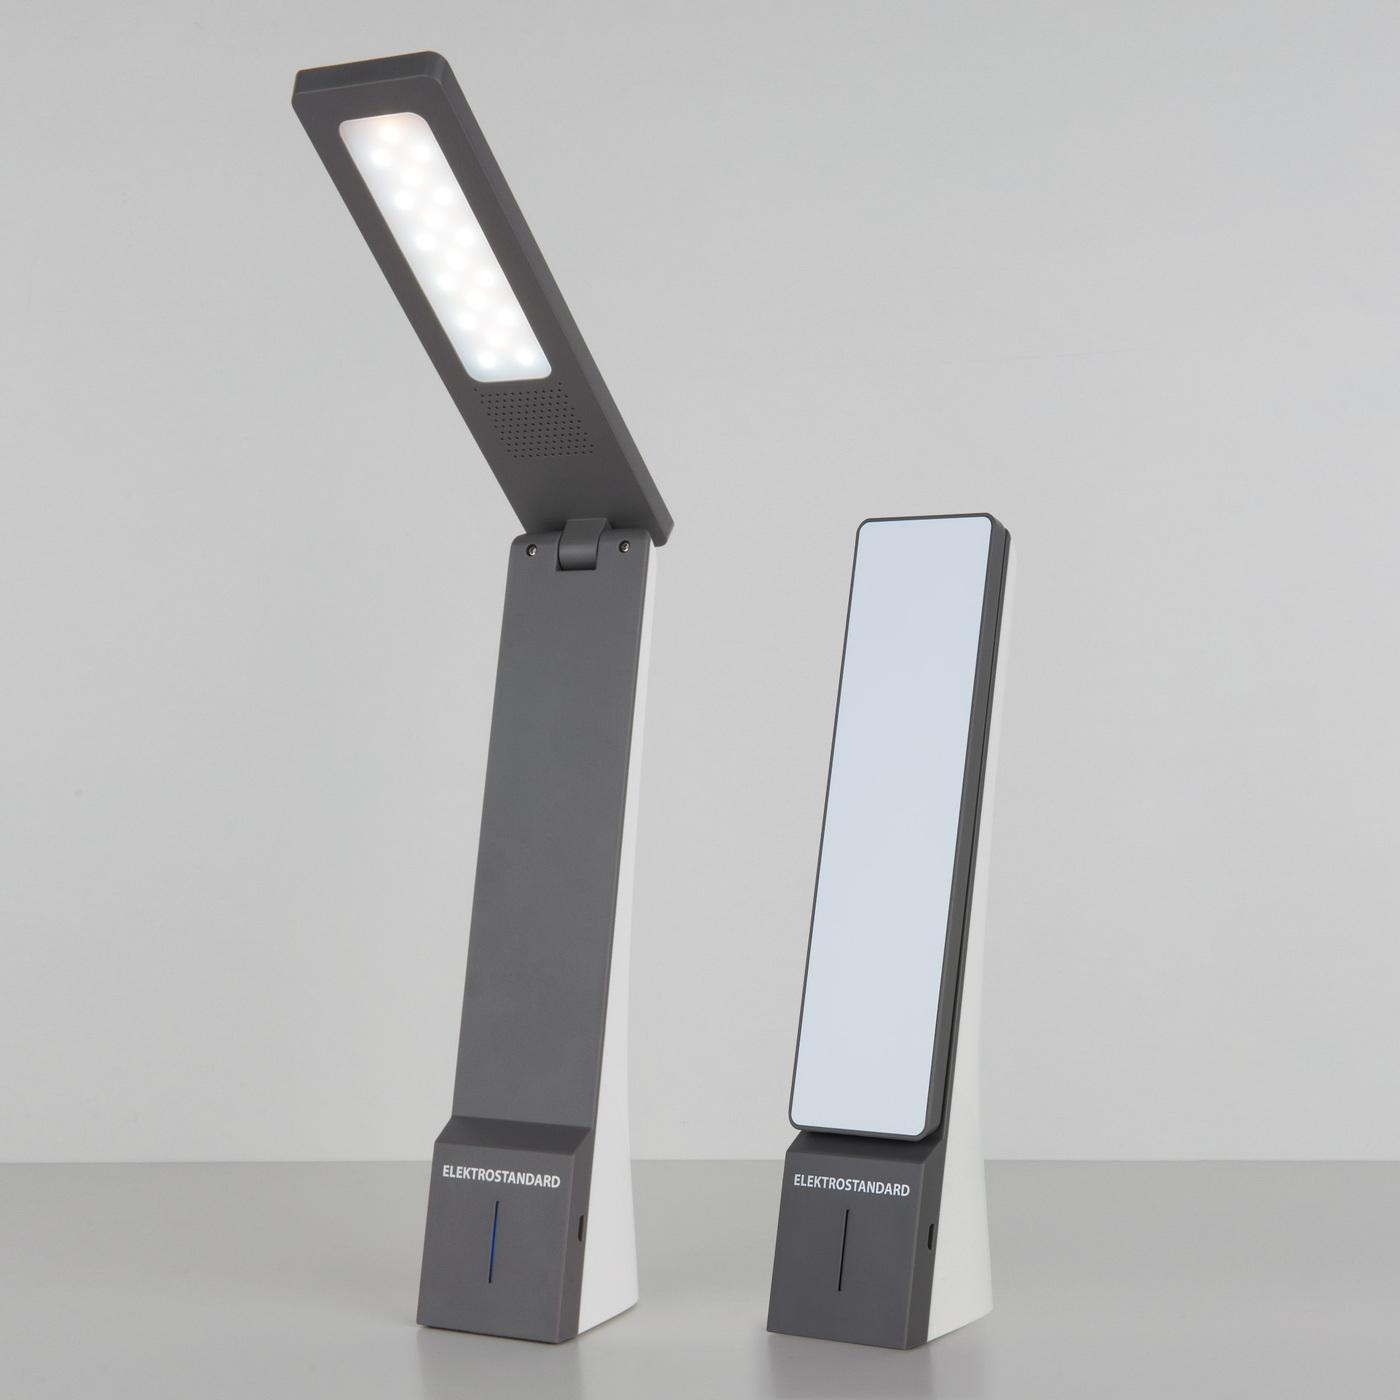 Настольный светильник Elektrostandard светодиодный Desk TL90450, 3 Вт elektrostandard настольный светодиодный светильник elektrostandard tl90193 4690389084867